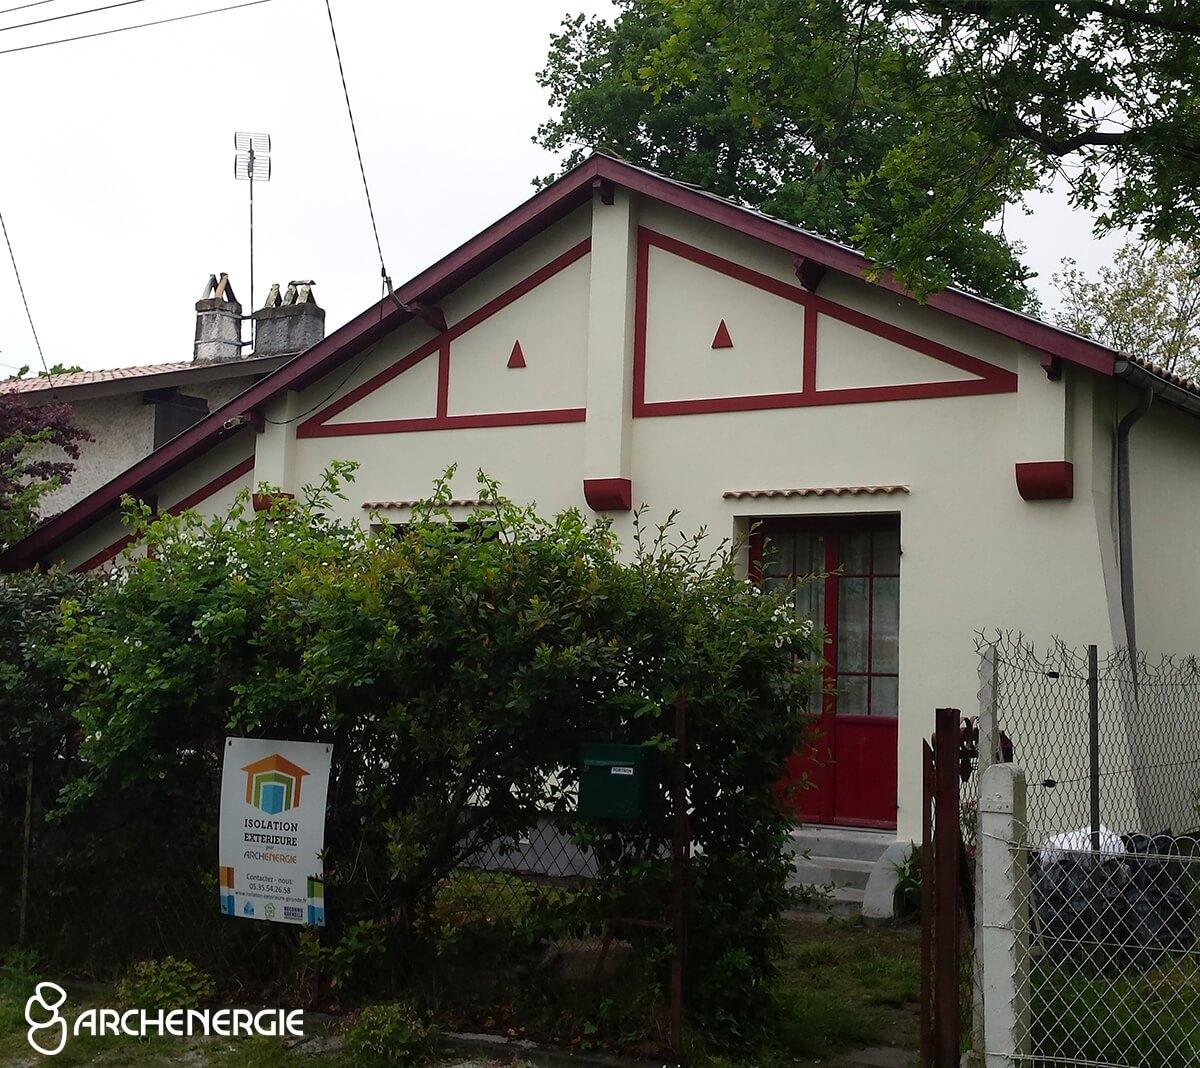 maison andernos gironde 33 après travaux isolation extérieure